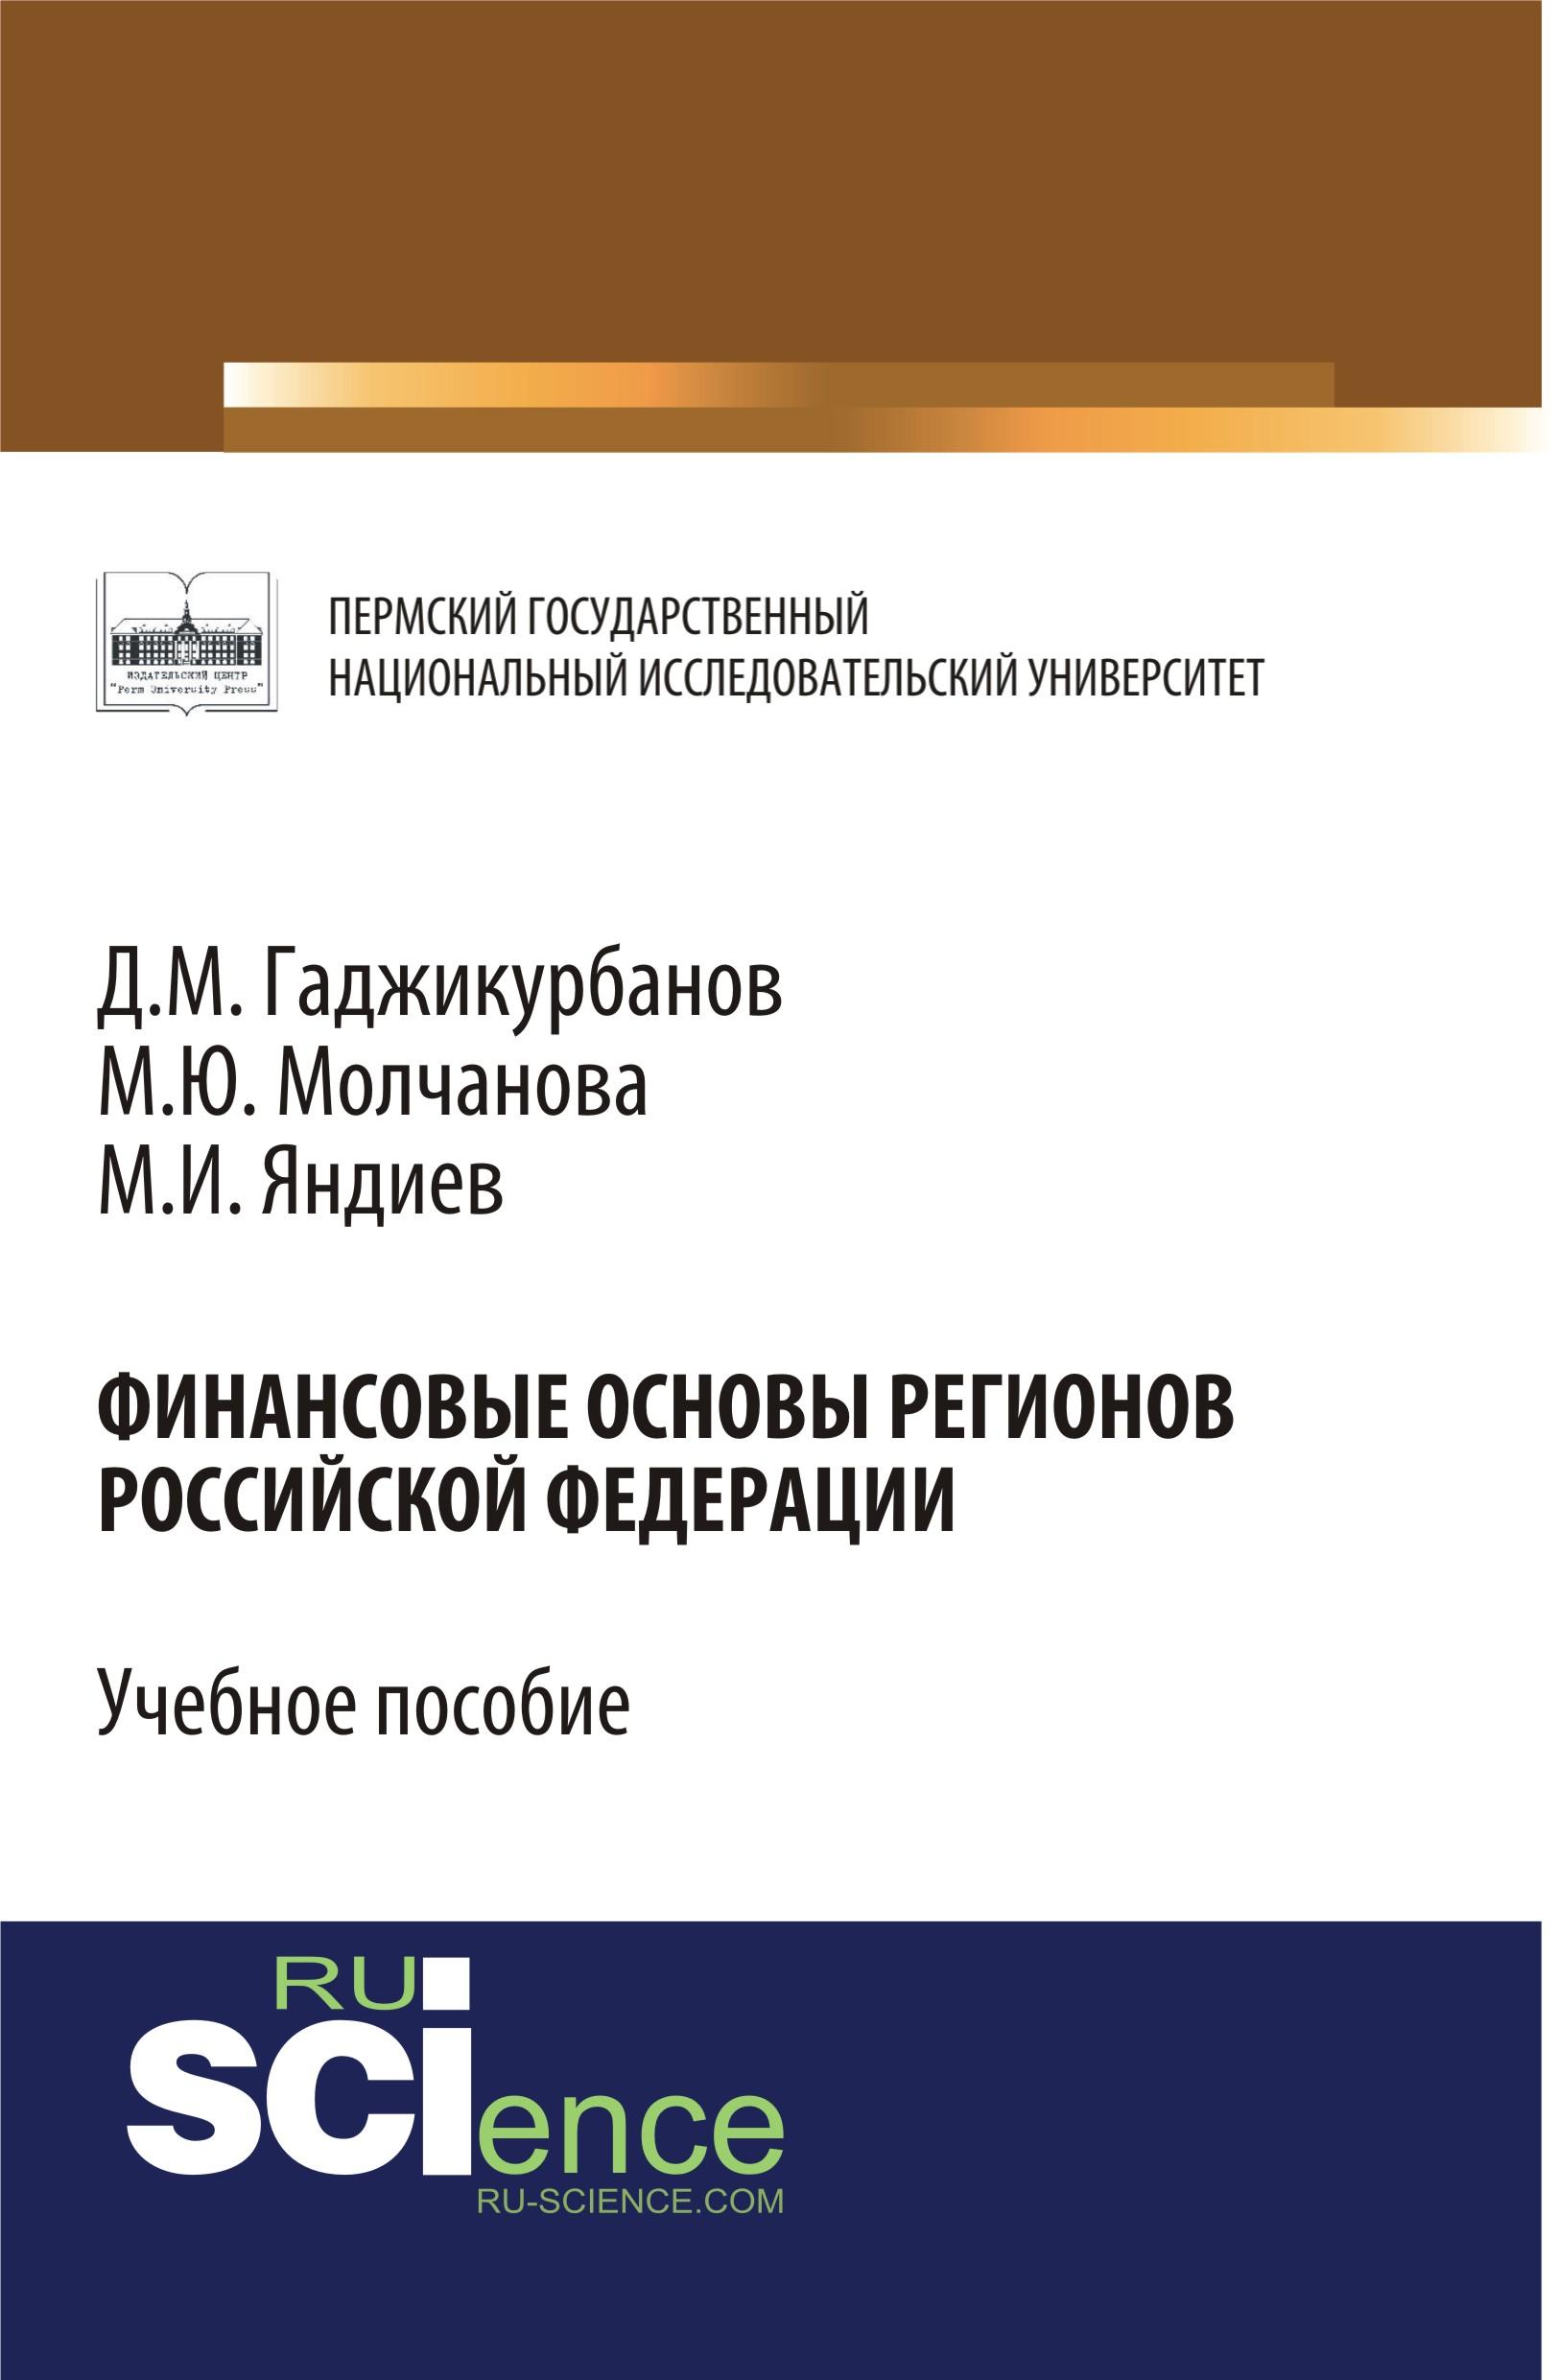 Финансовые основы регионов Российской Федерации